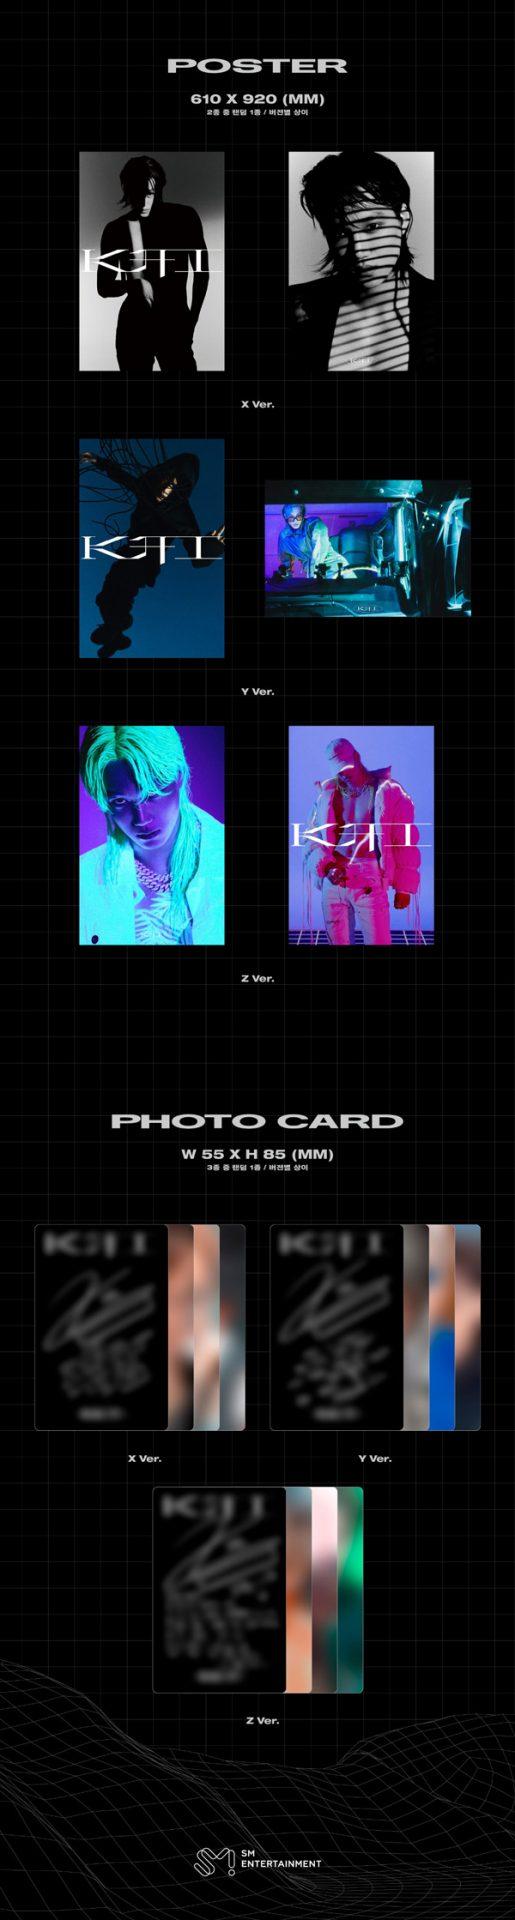 KAI 카이 The 1st Mini Album [KAI (开)] - Photobook Ver. ALBUM DETAILS-4